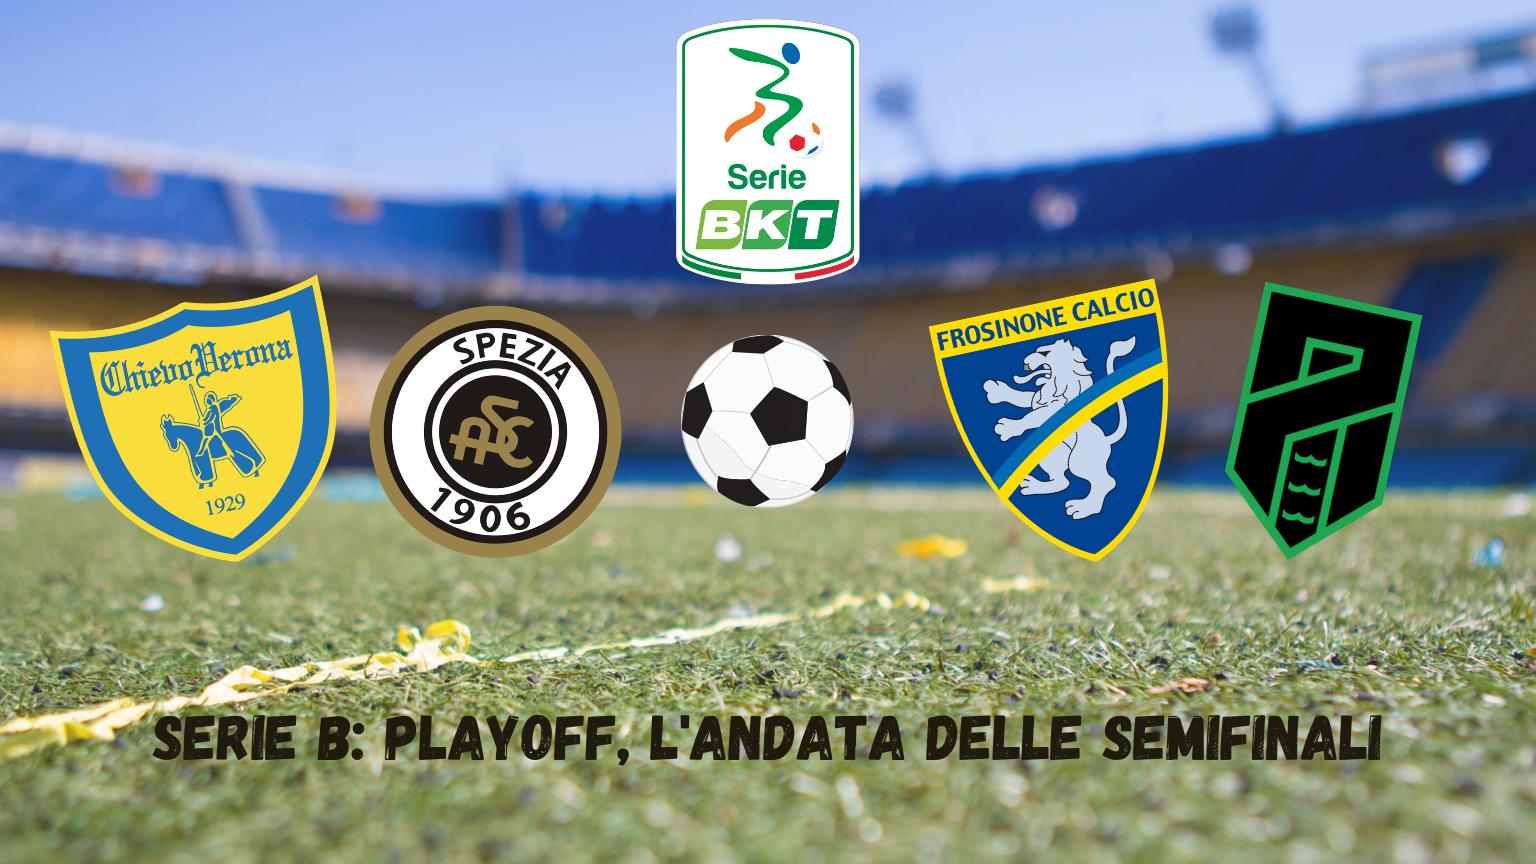 Pronostici Serie B: Chievo-Spezia e Frosinone-Pordenone